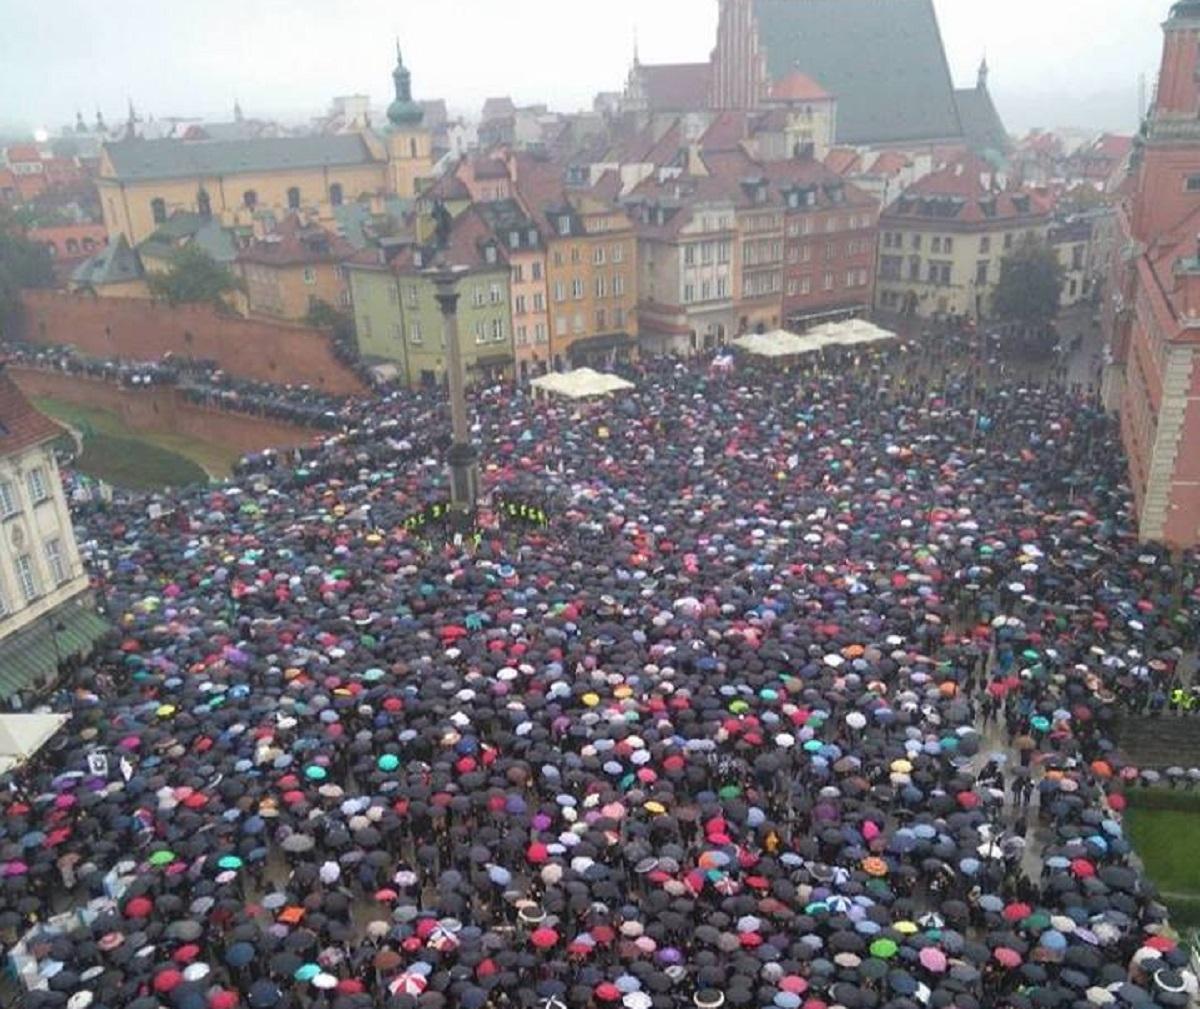 Protest de amploare în Polonia față de interzicerea avortului. Toate femeile s-au îmbrăcat în negru